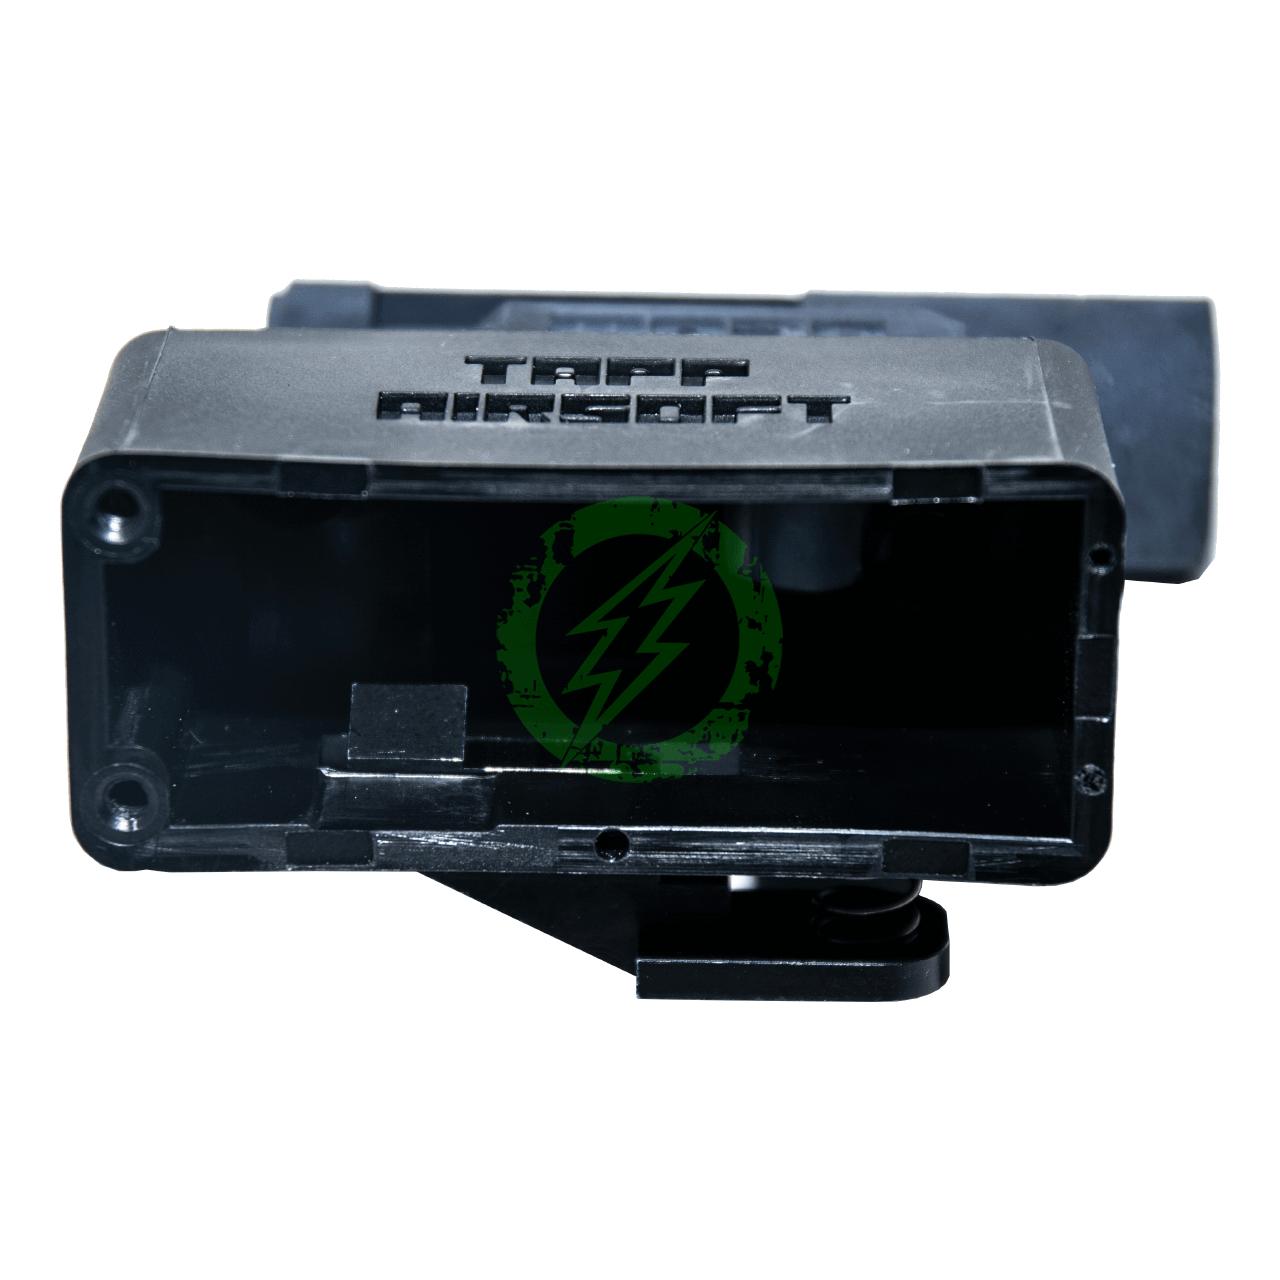 TAPP Airsoft Tapp M4 Adapter for M870 Shotgun | Modular Series bottom